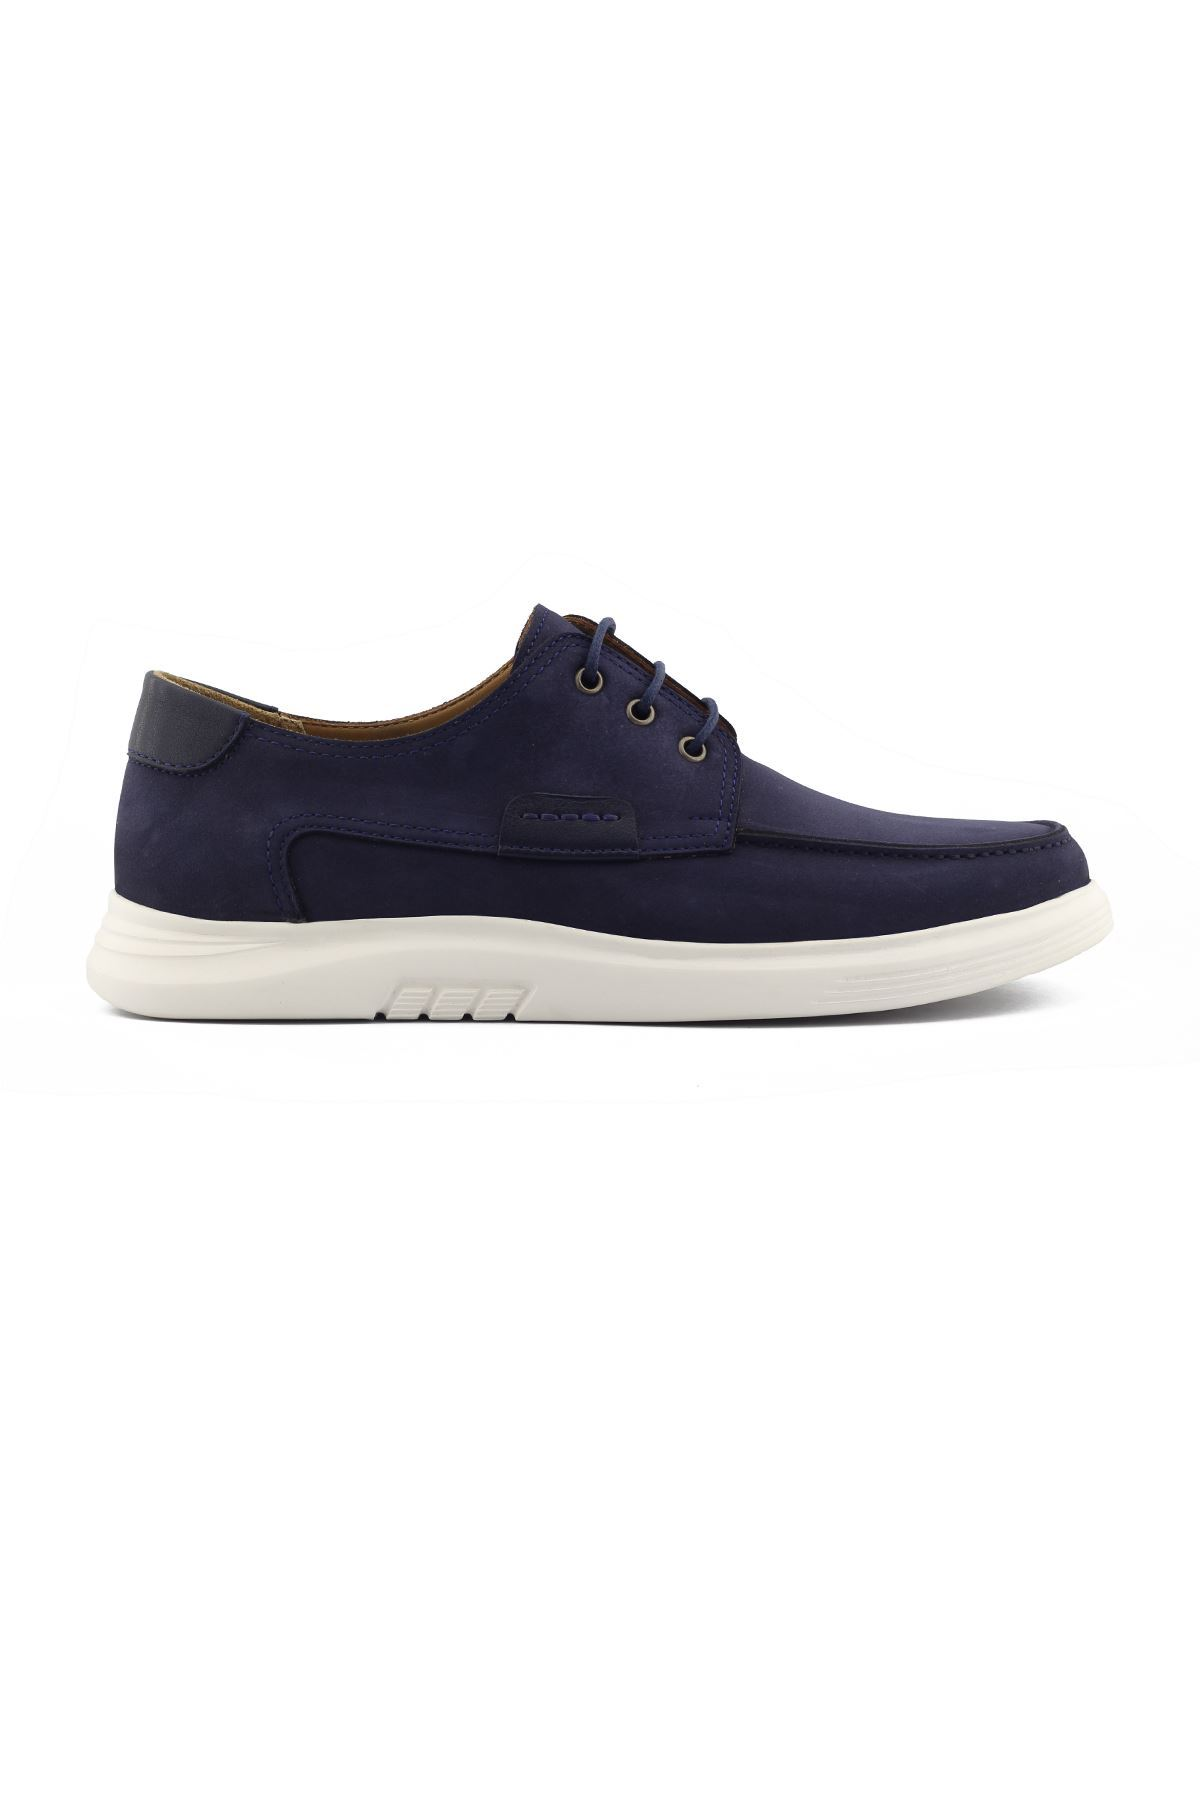 2101 Nubuk Lacivert Stil Erkek Ayakkabı